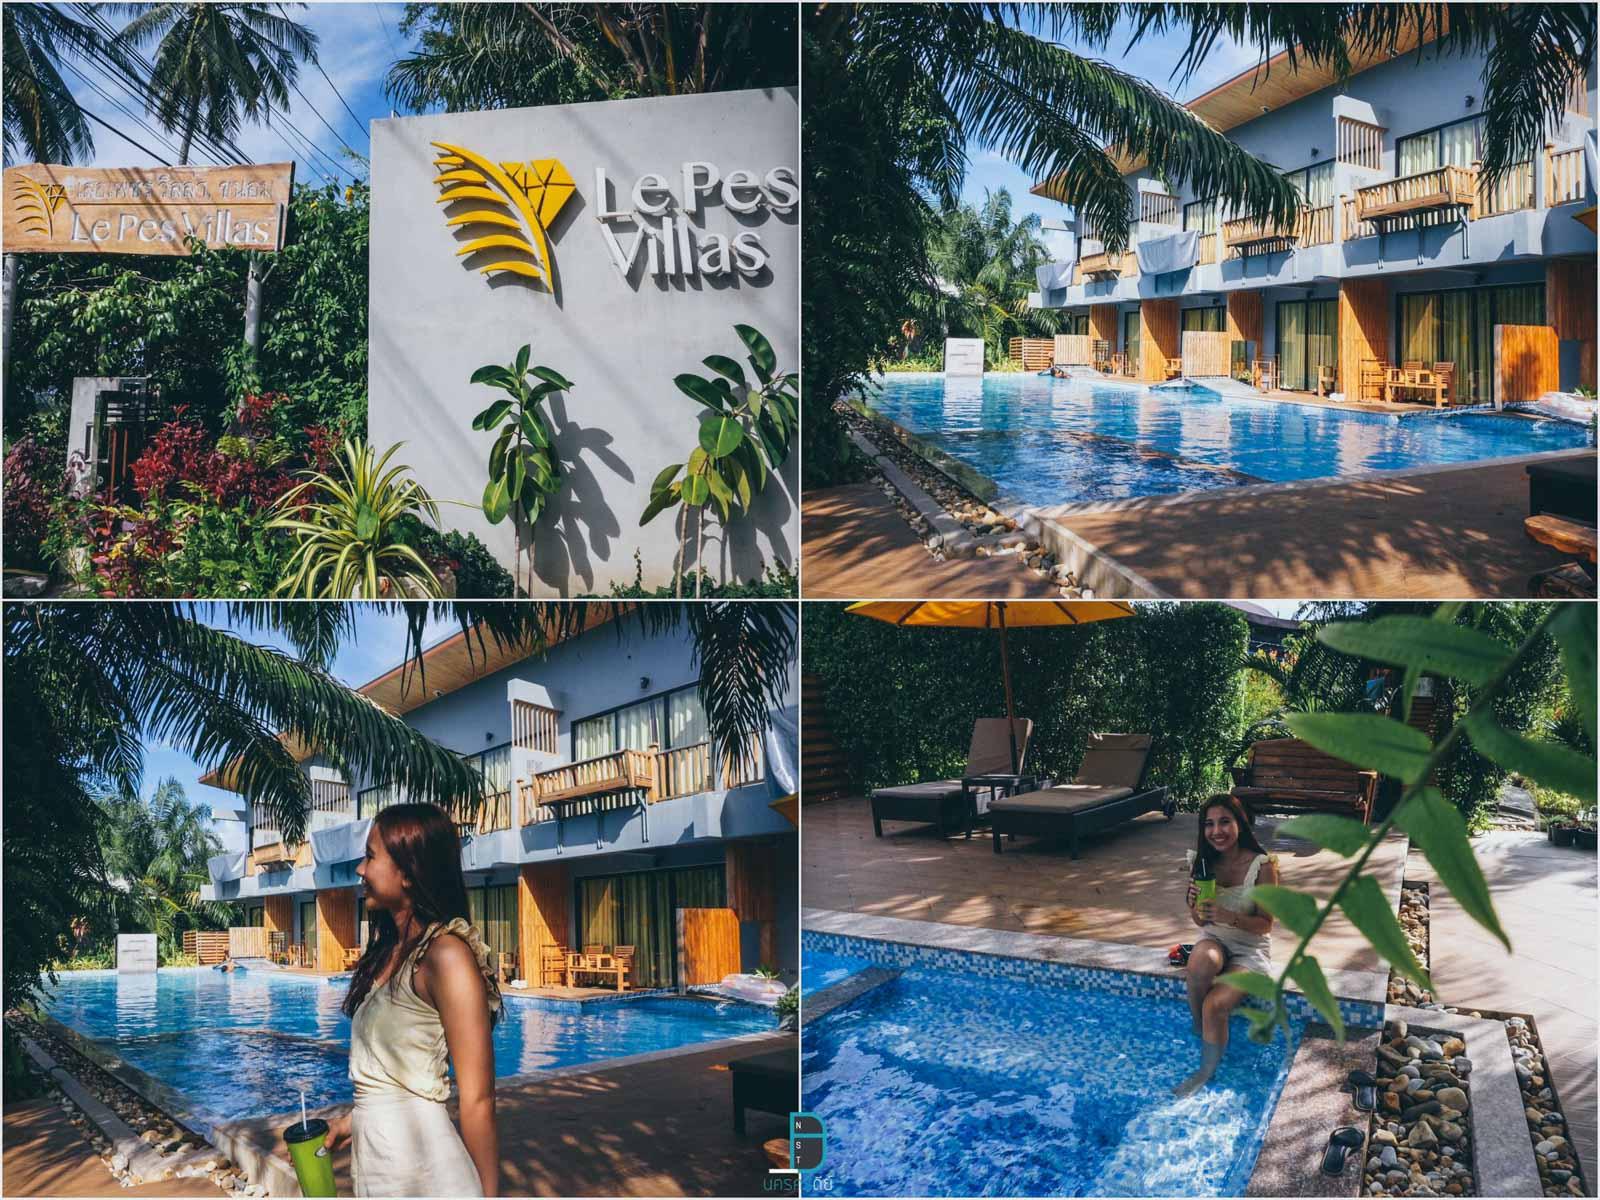 25.-Le-pes-Villa ที่พักขนอม-Le-Pes-Villa--ที่พักสุดสวยสระว่ายน้ำชิวๆ-เลอ-เพส-วิลล่า-ห้องพักมีหลากหลายแบบ-แต่ที่ฮอตสุดๆคือห้อง-Pool-Access-ที่มีตาข่ายริมสระนอนชิวๆ-สวยๆกันเลยทีเดียวว-ต้องห้ามพลาดนะครับ  สิชล,ขนอม,ที่พัก,ของกิน,โรงแรม,ที่เที่ยว,จุดเช็คอิน,วัดเจดีย์,ตาไข่